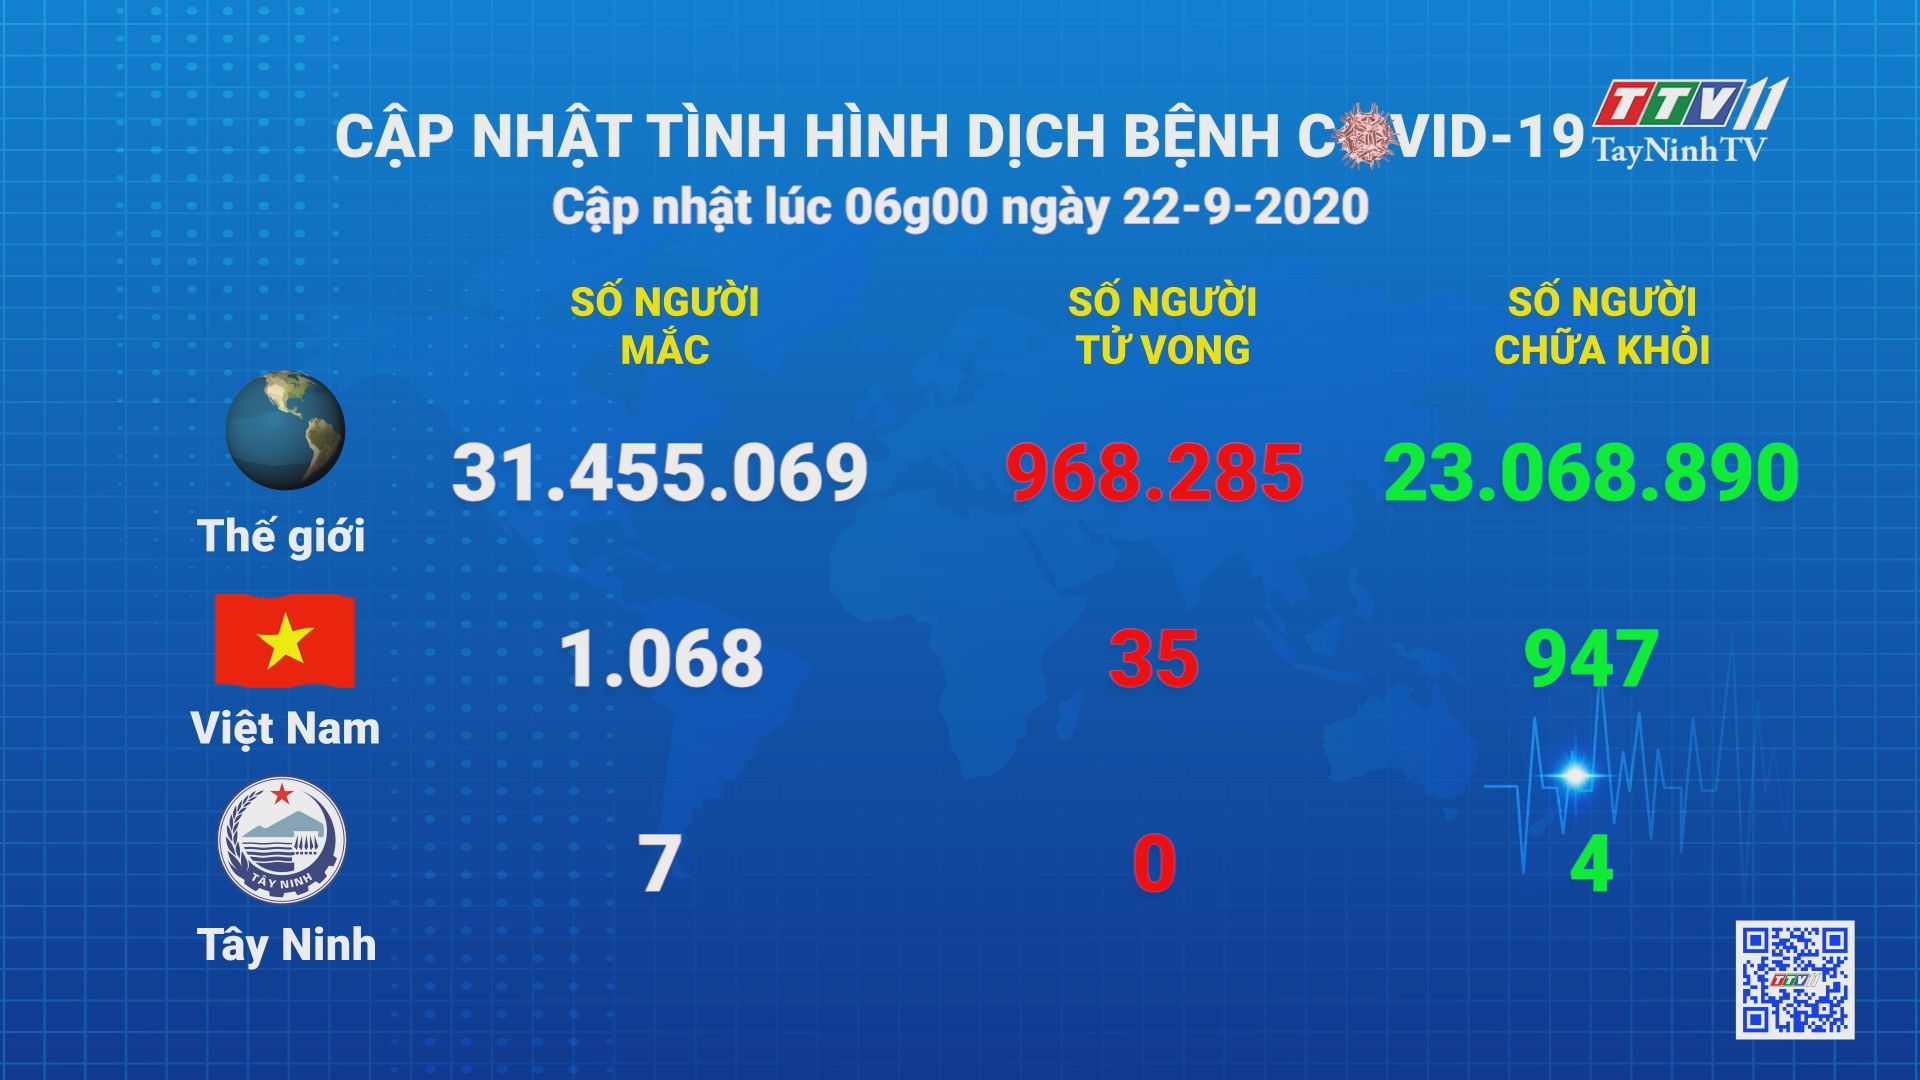 Cập nhật tình hình Covid-19 vào lúc 06 giờ 22-9-2020 | Thông tin dịch Covid-19 | TayNinhTV